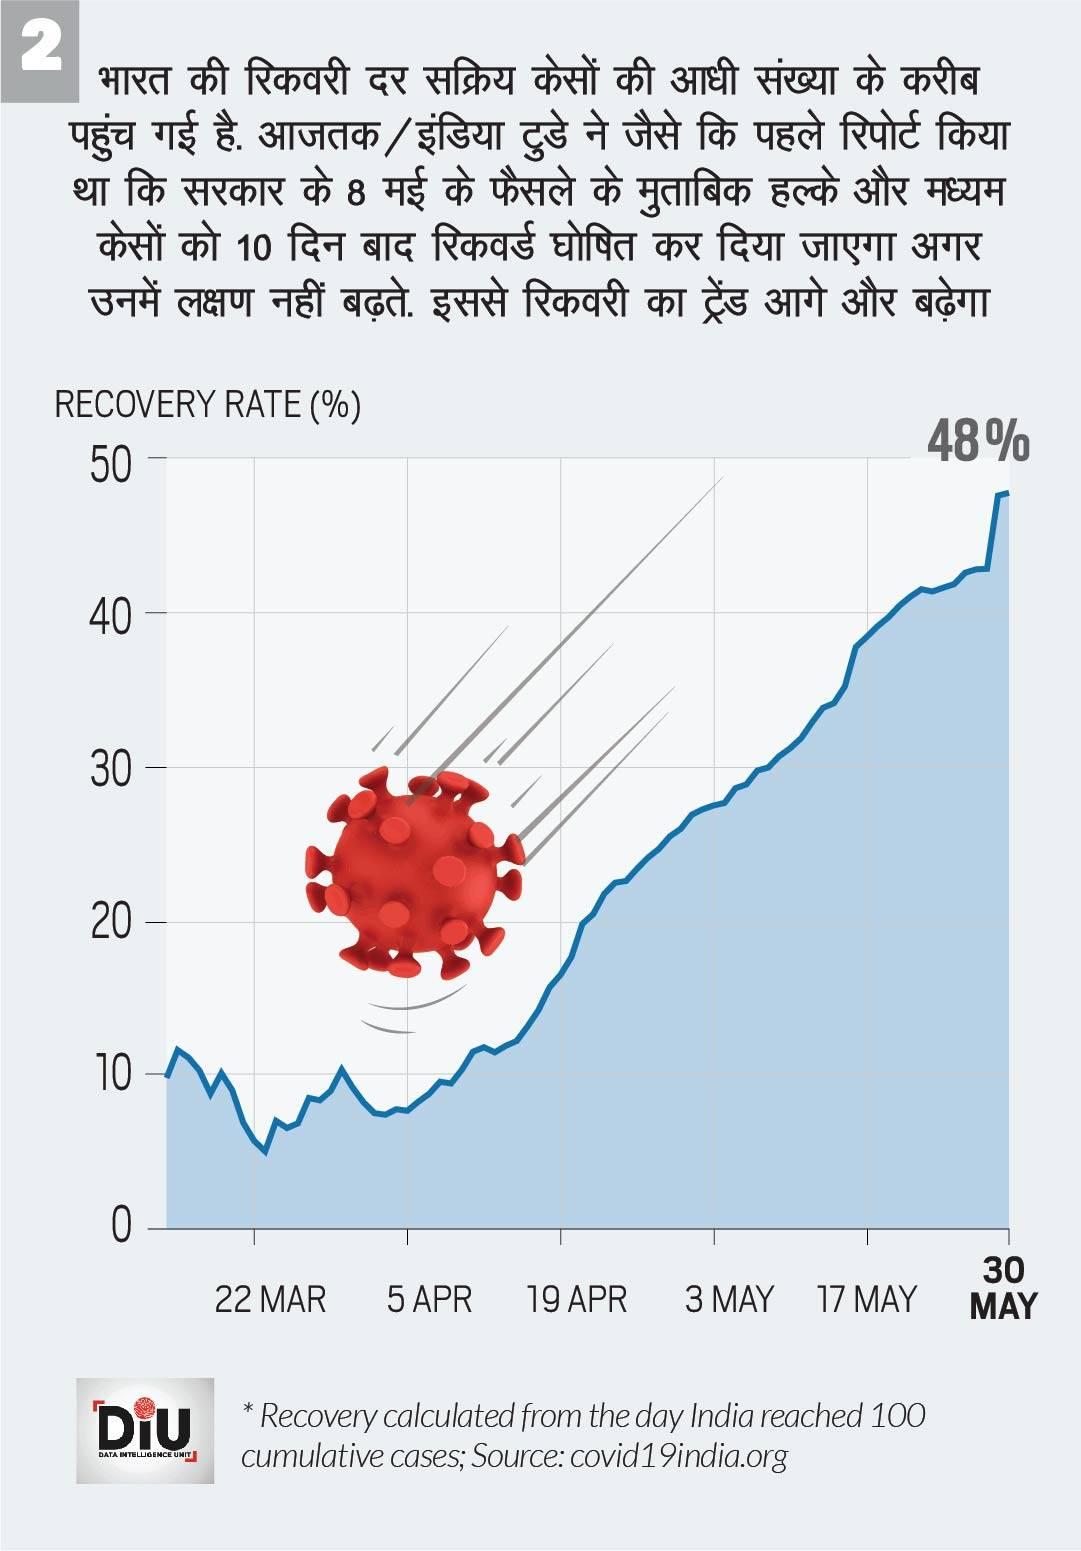 31may-recovering-from-covid-hindi-02_060120111538.jpg